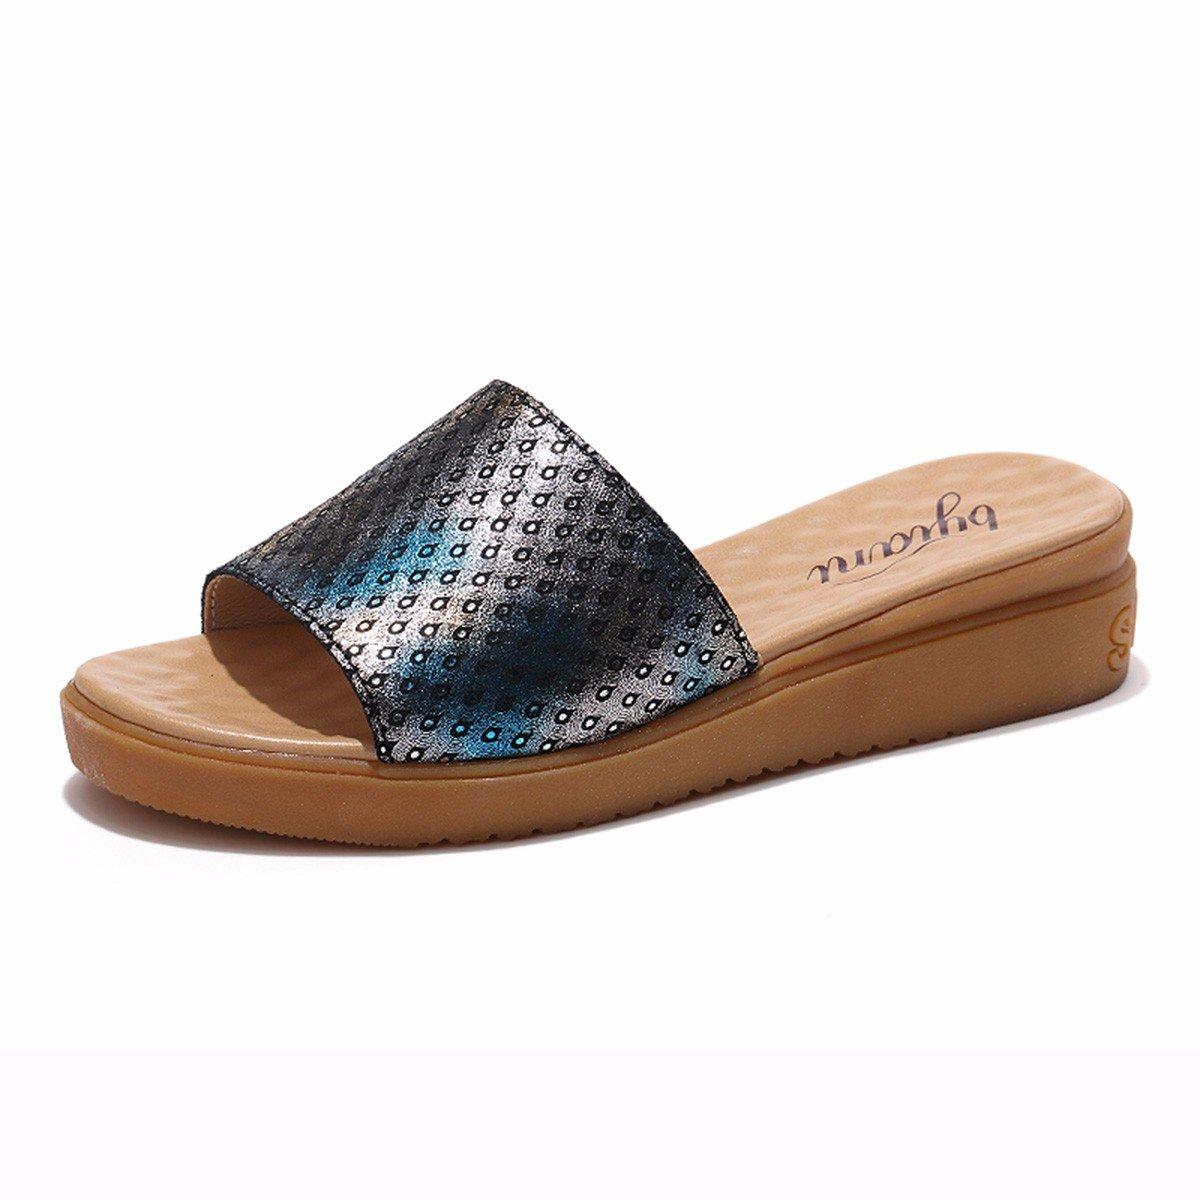 QPSSP Pantoffeln Und Flachen Boden - Schuhe, Sandalen Und Slipper, Sandalen, Sandalen, Damen - Schuhe.  Forty|black